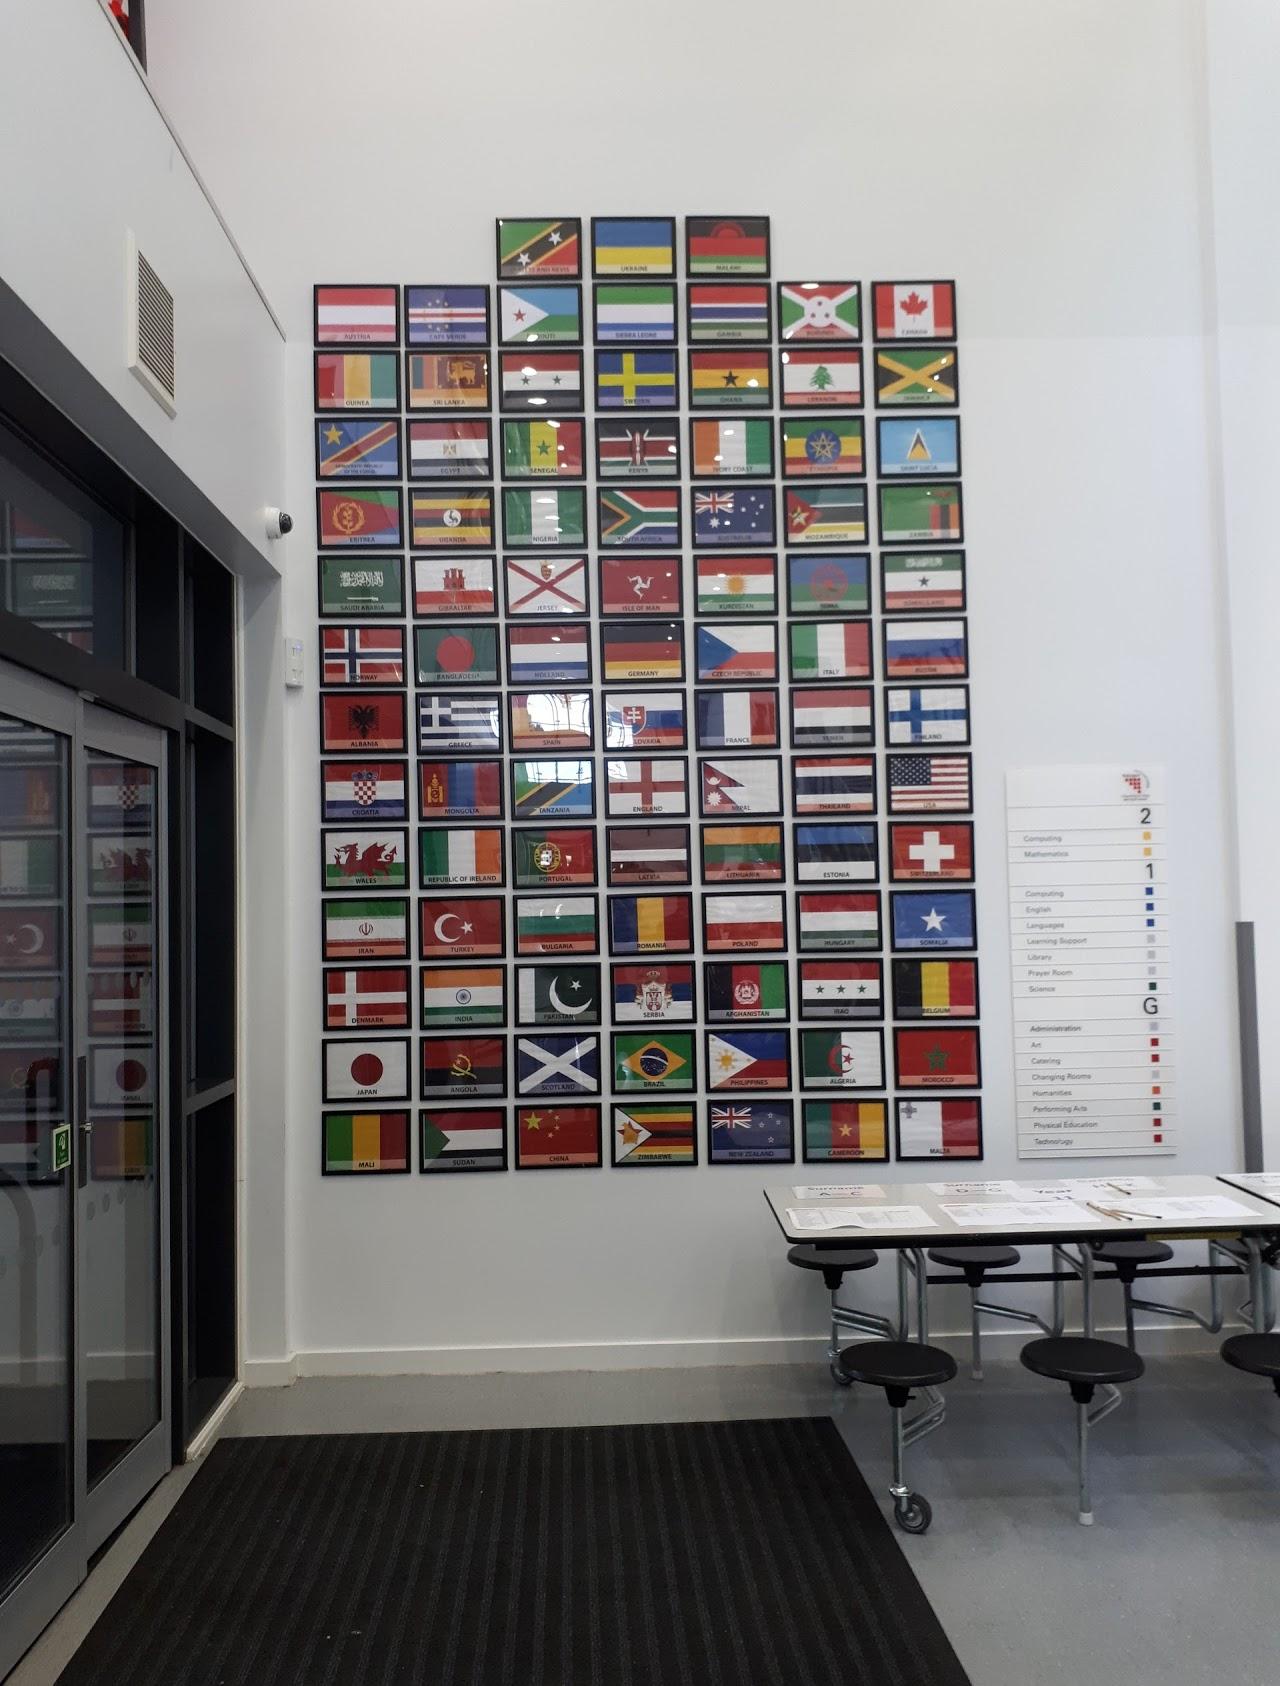 Babington Academy v Leicesteru, Velká Británie. Vstupní hala s vlajkami zemí původu všech žáků školy. Zdroj: archiv Vladislava Güntera